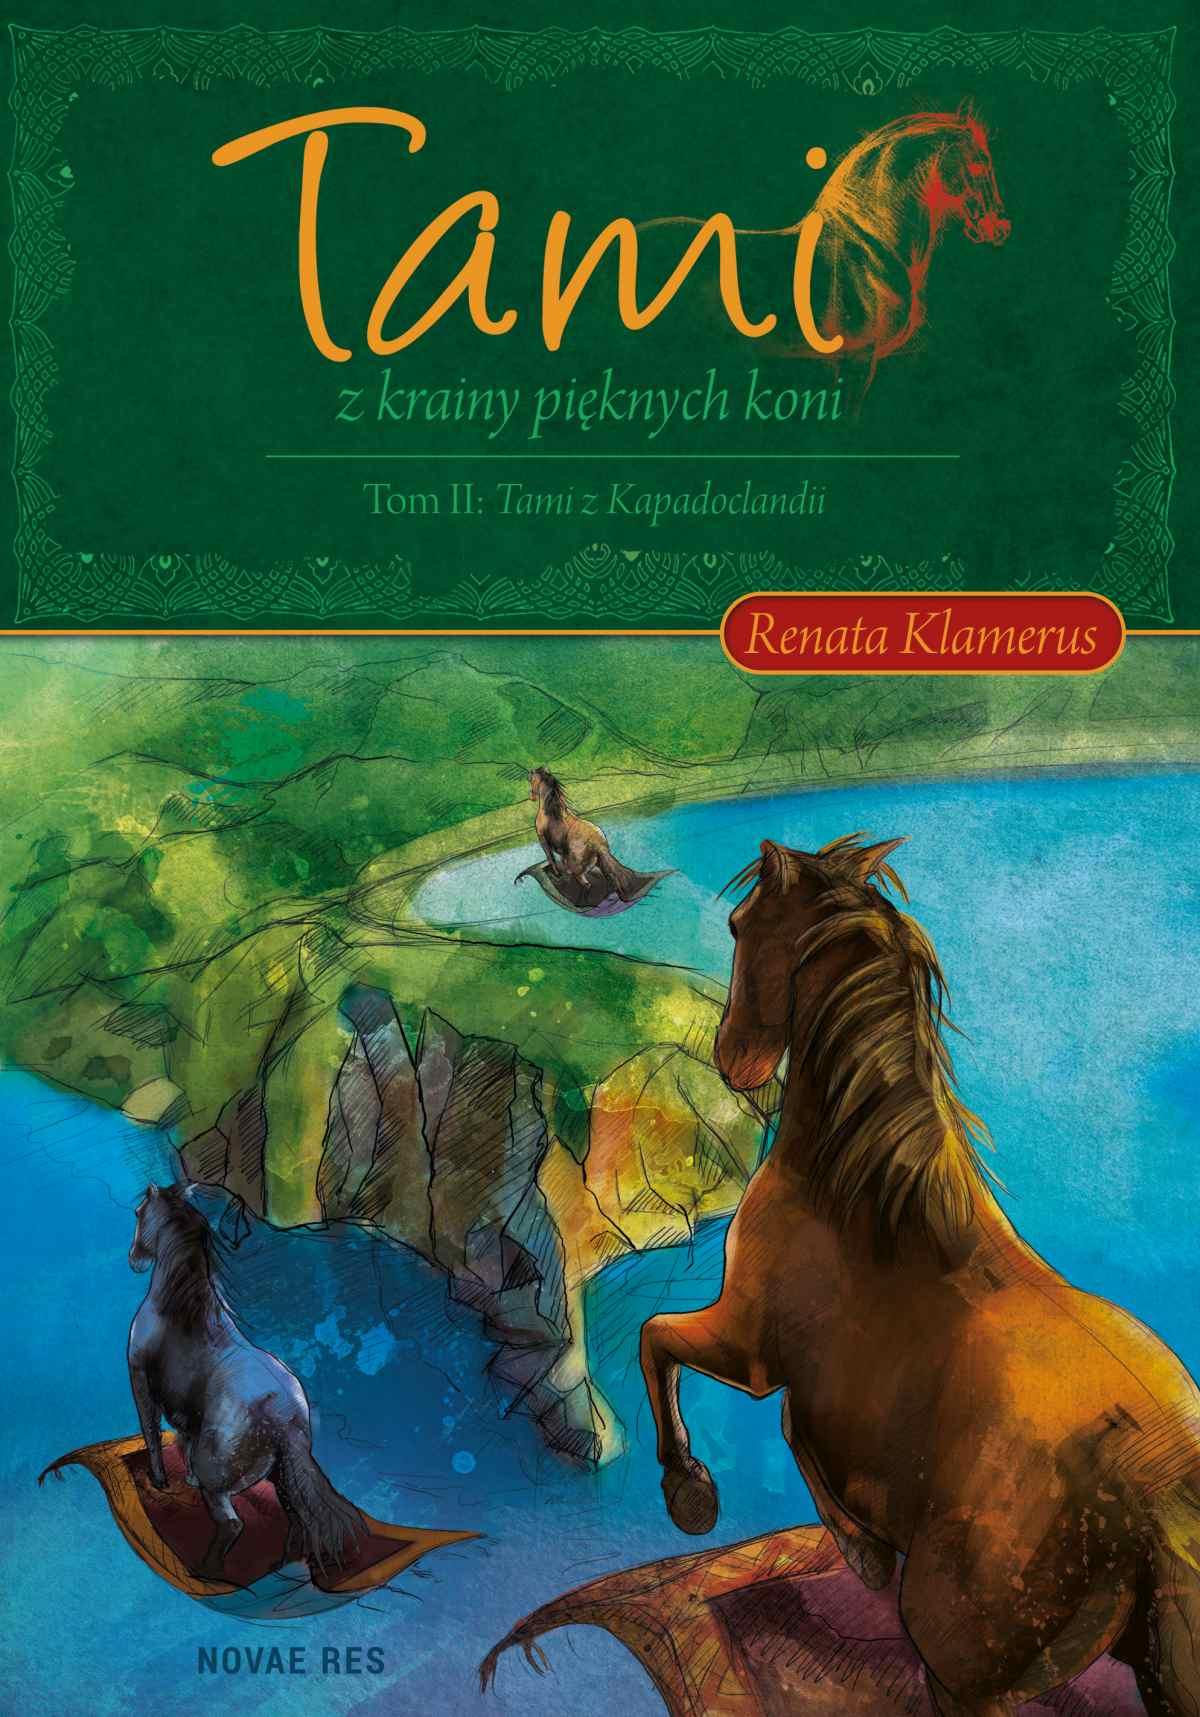 Tami z Krainy Pięknych Koni. Tom II: Tami z Kapadoclandii - Ebook (Książka EPUB) do pobrania w formacie EPUB